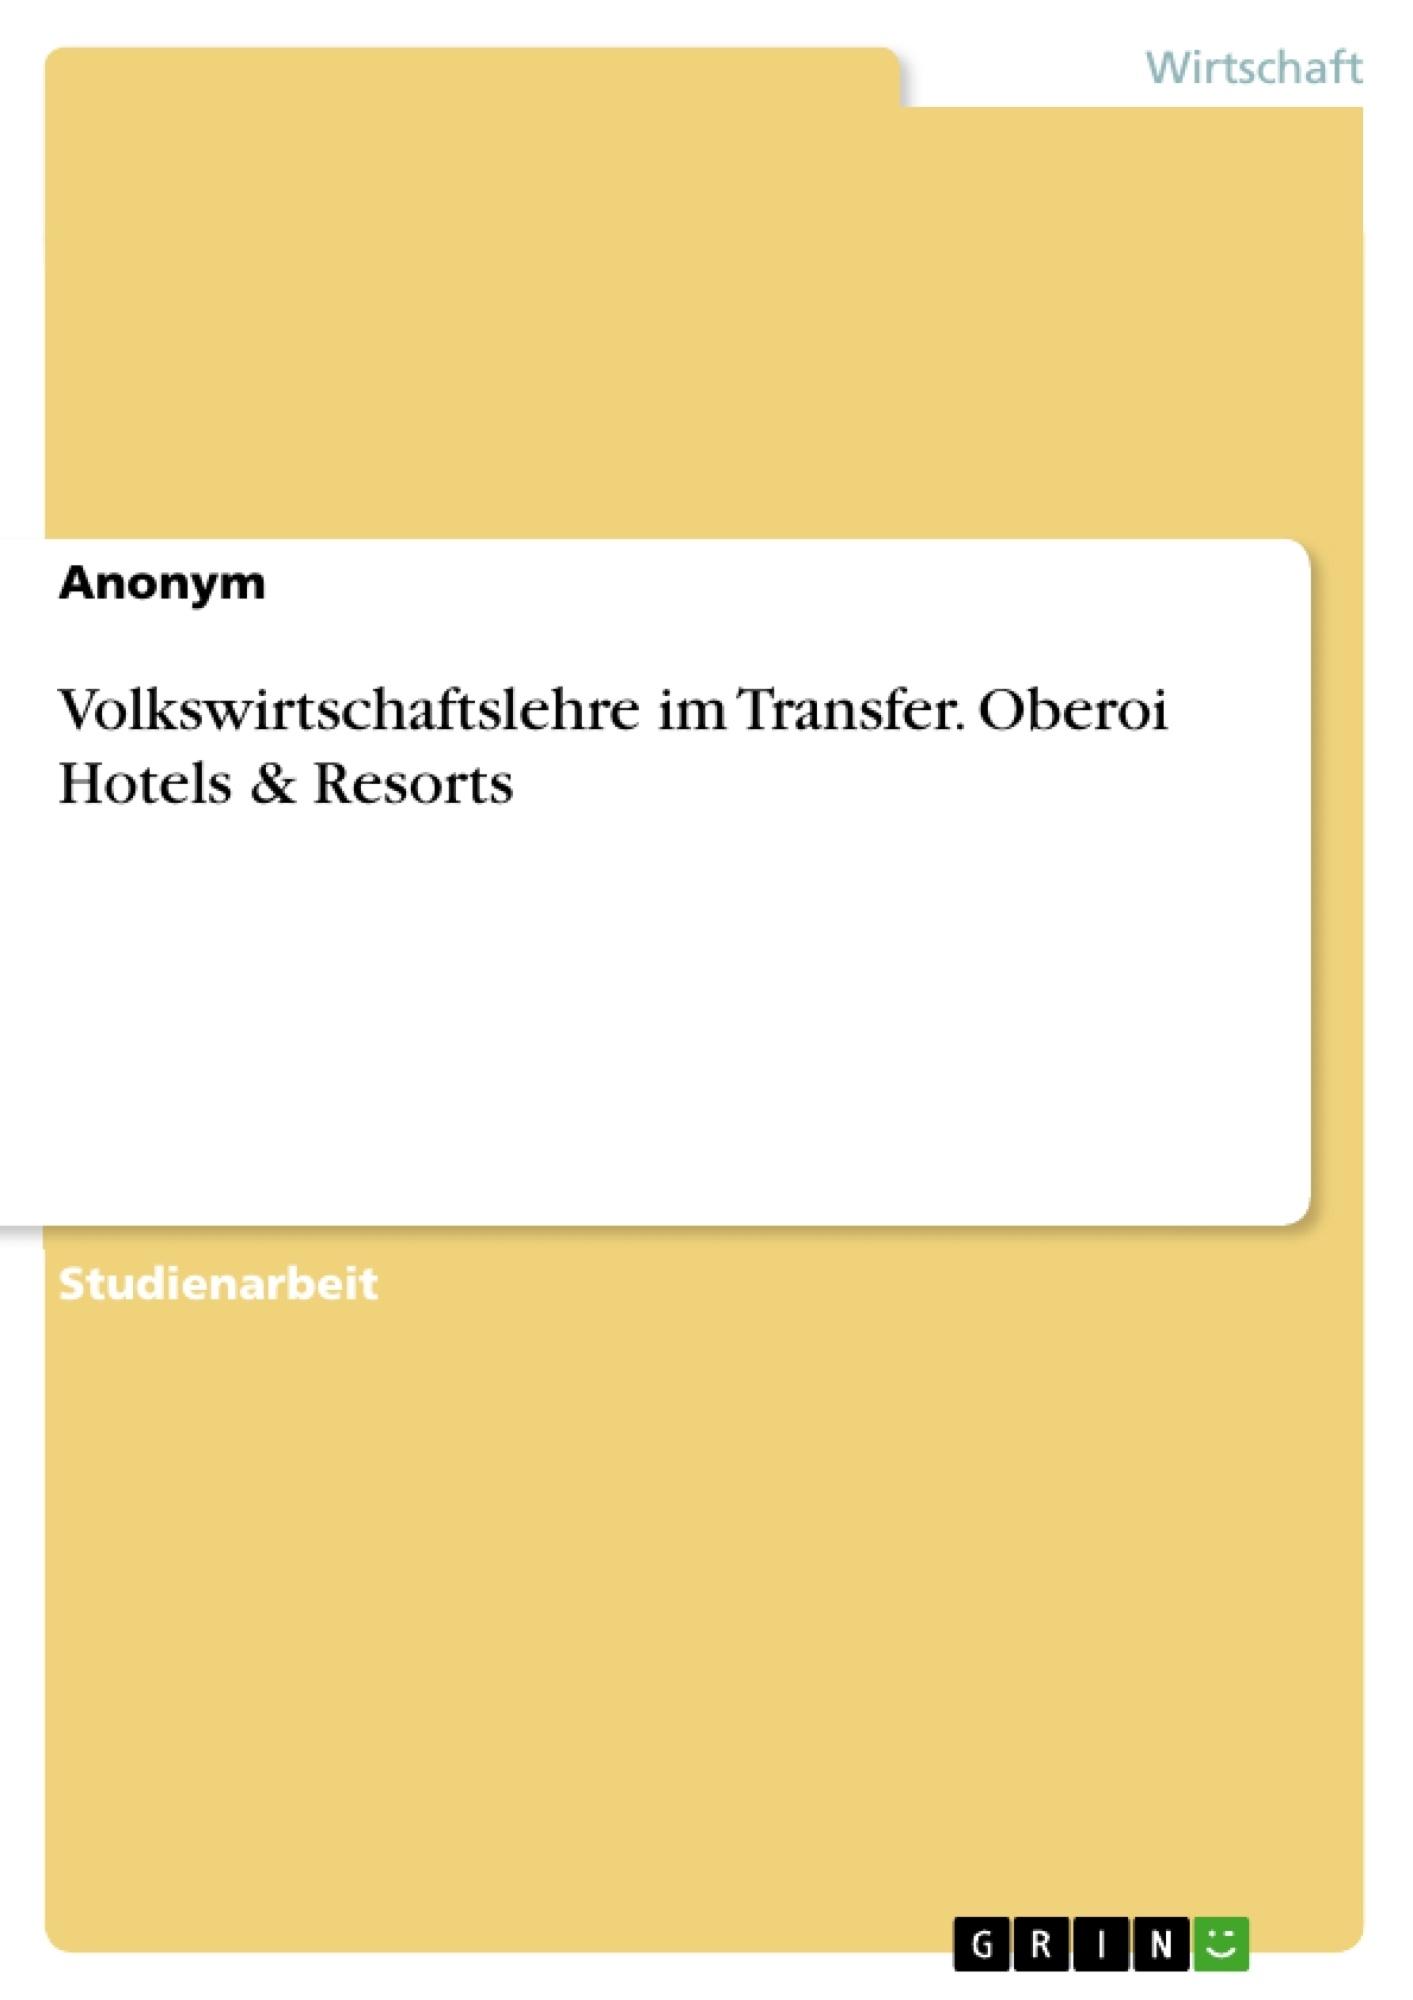 Titel: Volkswirtschaftslehre im Transfer. Oberoi Hotels & Resorts